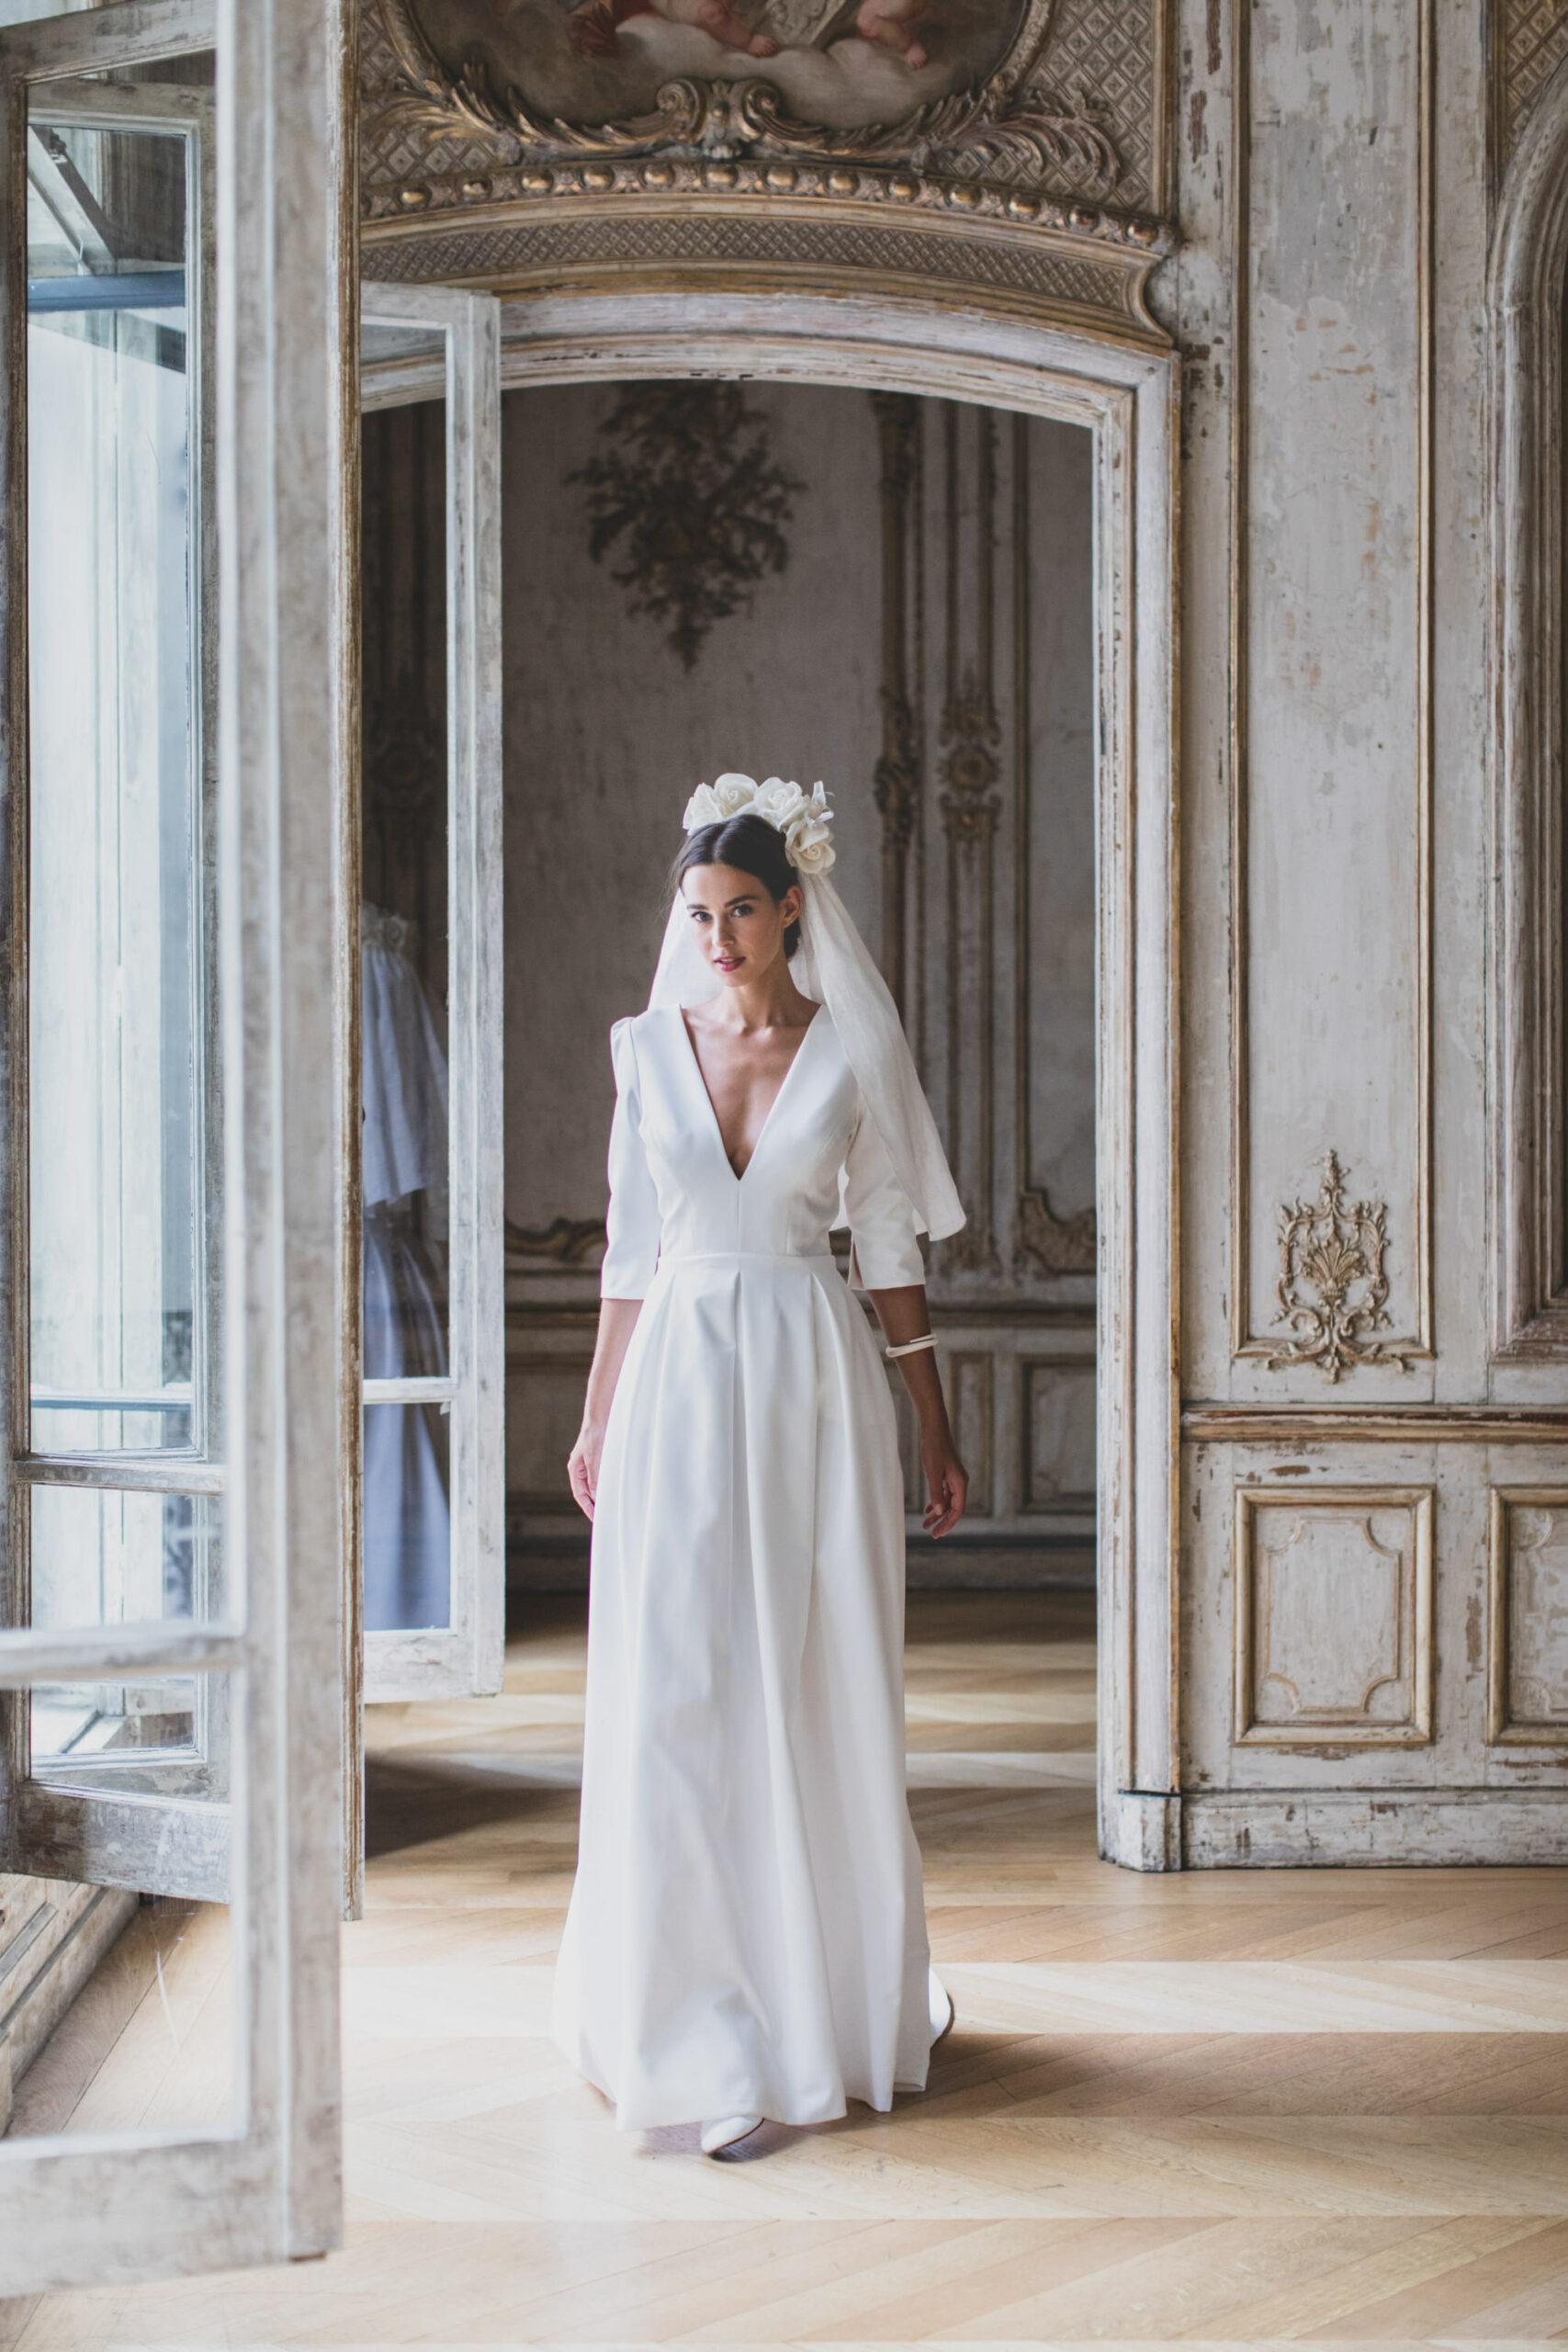 LES SAISONS - Victoire Vermeulen